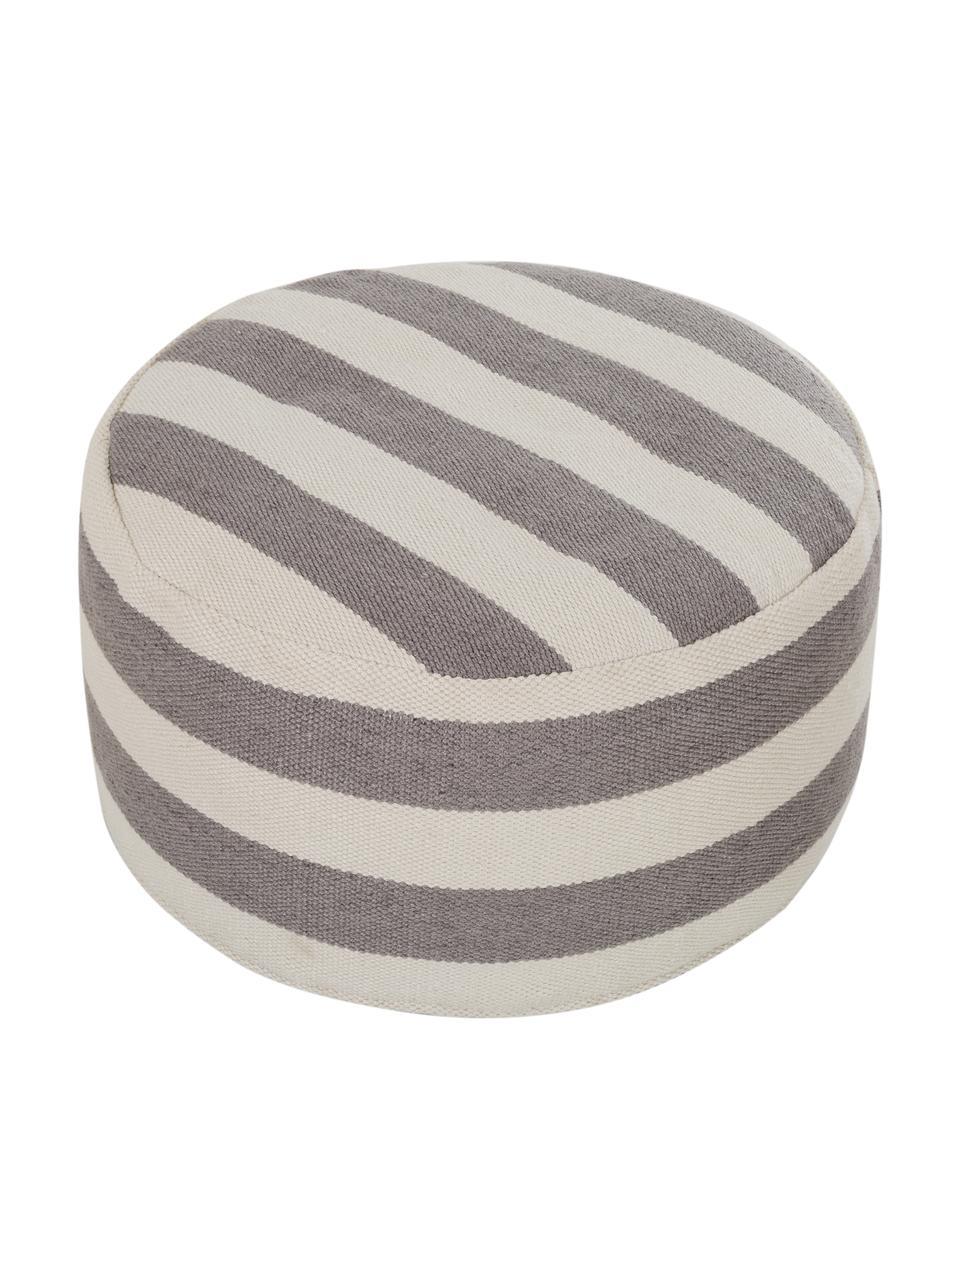 Okrągły puf wewnętrzny/zewnętrzny Lani, Tapicerka: 100% poliester pochodzący, Szary, beżowy, Ø 65 x W 30 cm